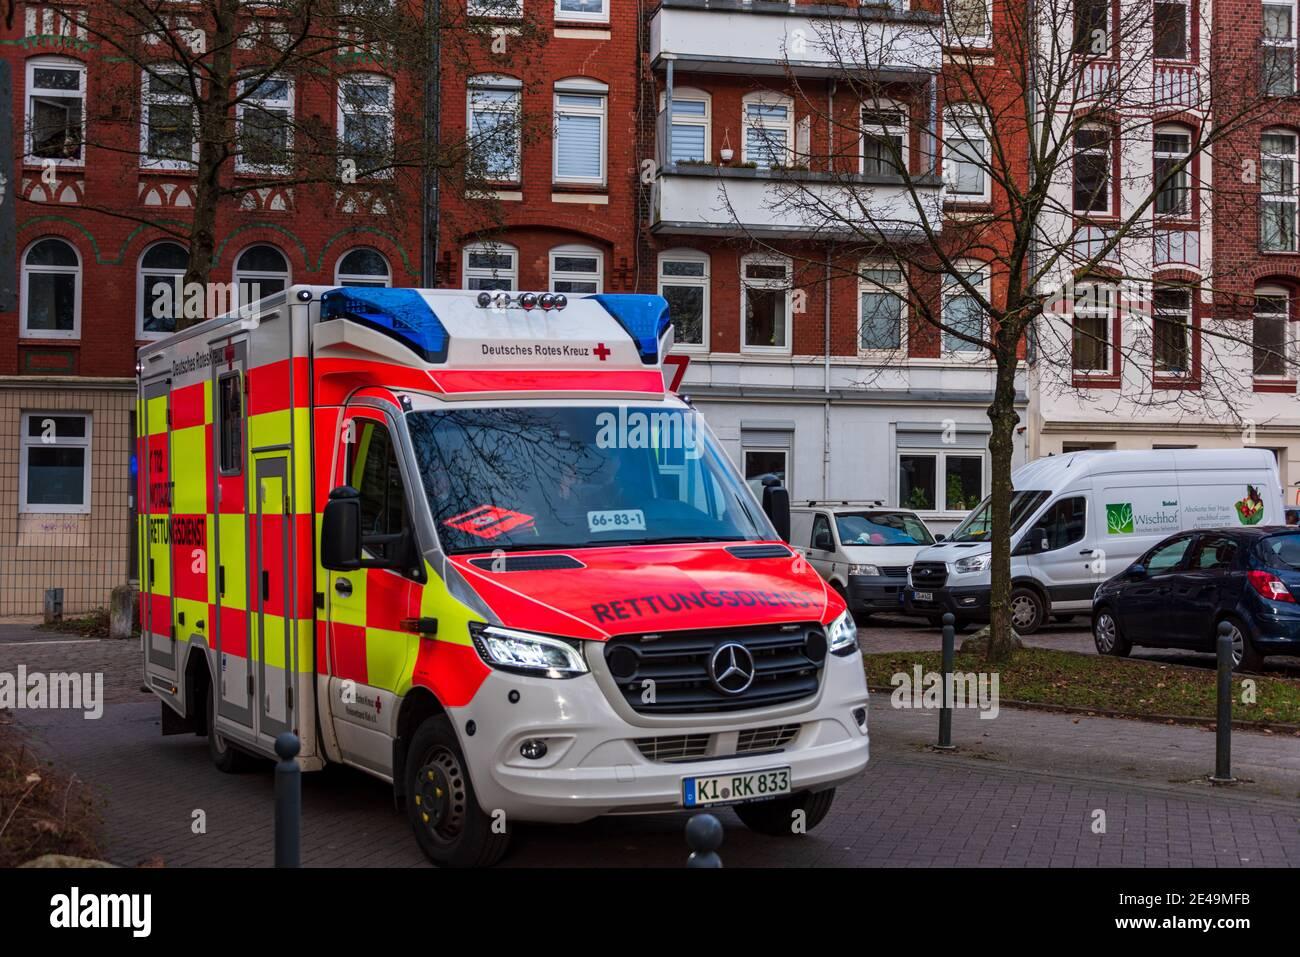 Ein Notarztwagen der Deutschen Roten Kreuz im Einsatz in der Kieler Innenstadt Foto Stock